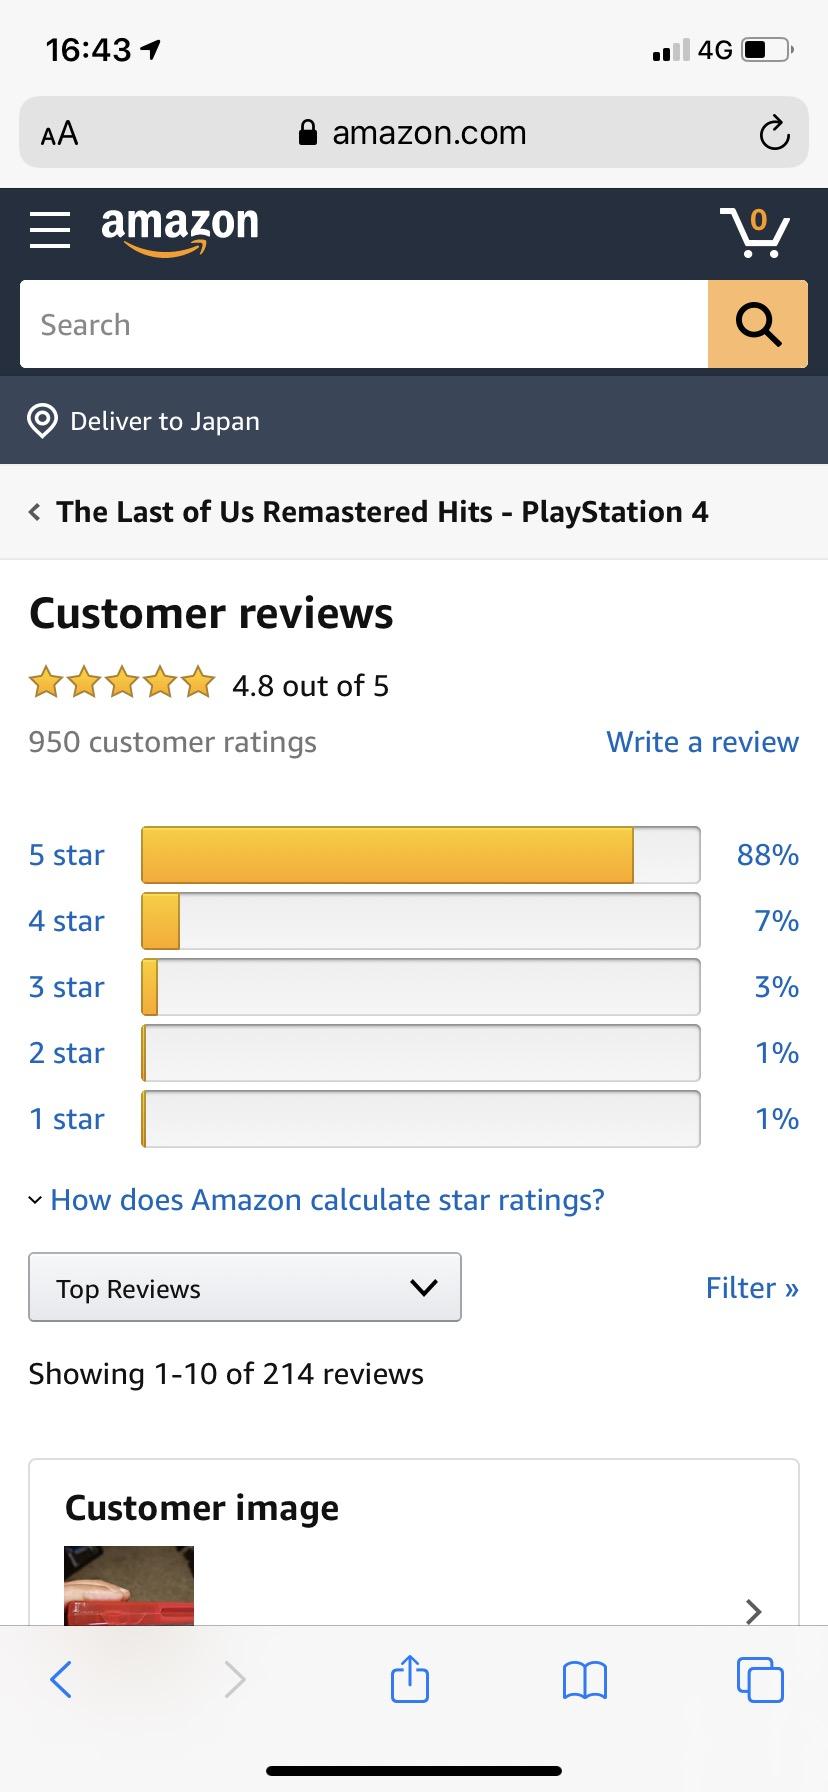 lXBQIBV - 【衝撃】PS4ゲームのラストオブアス2大炎上 / 購入者激怒した3の理由「見たくないもの見せられた」★2